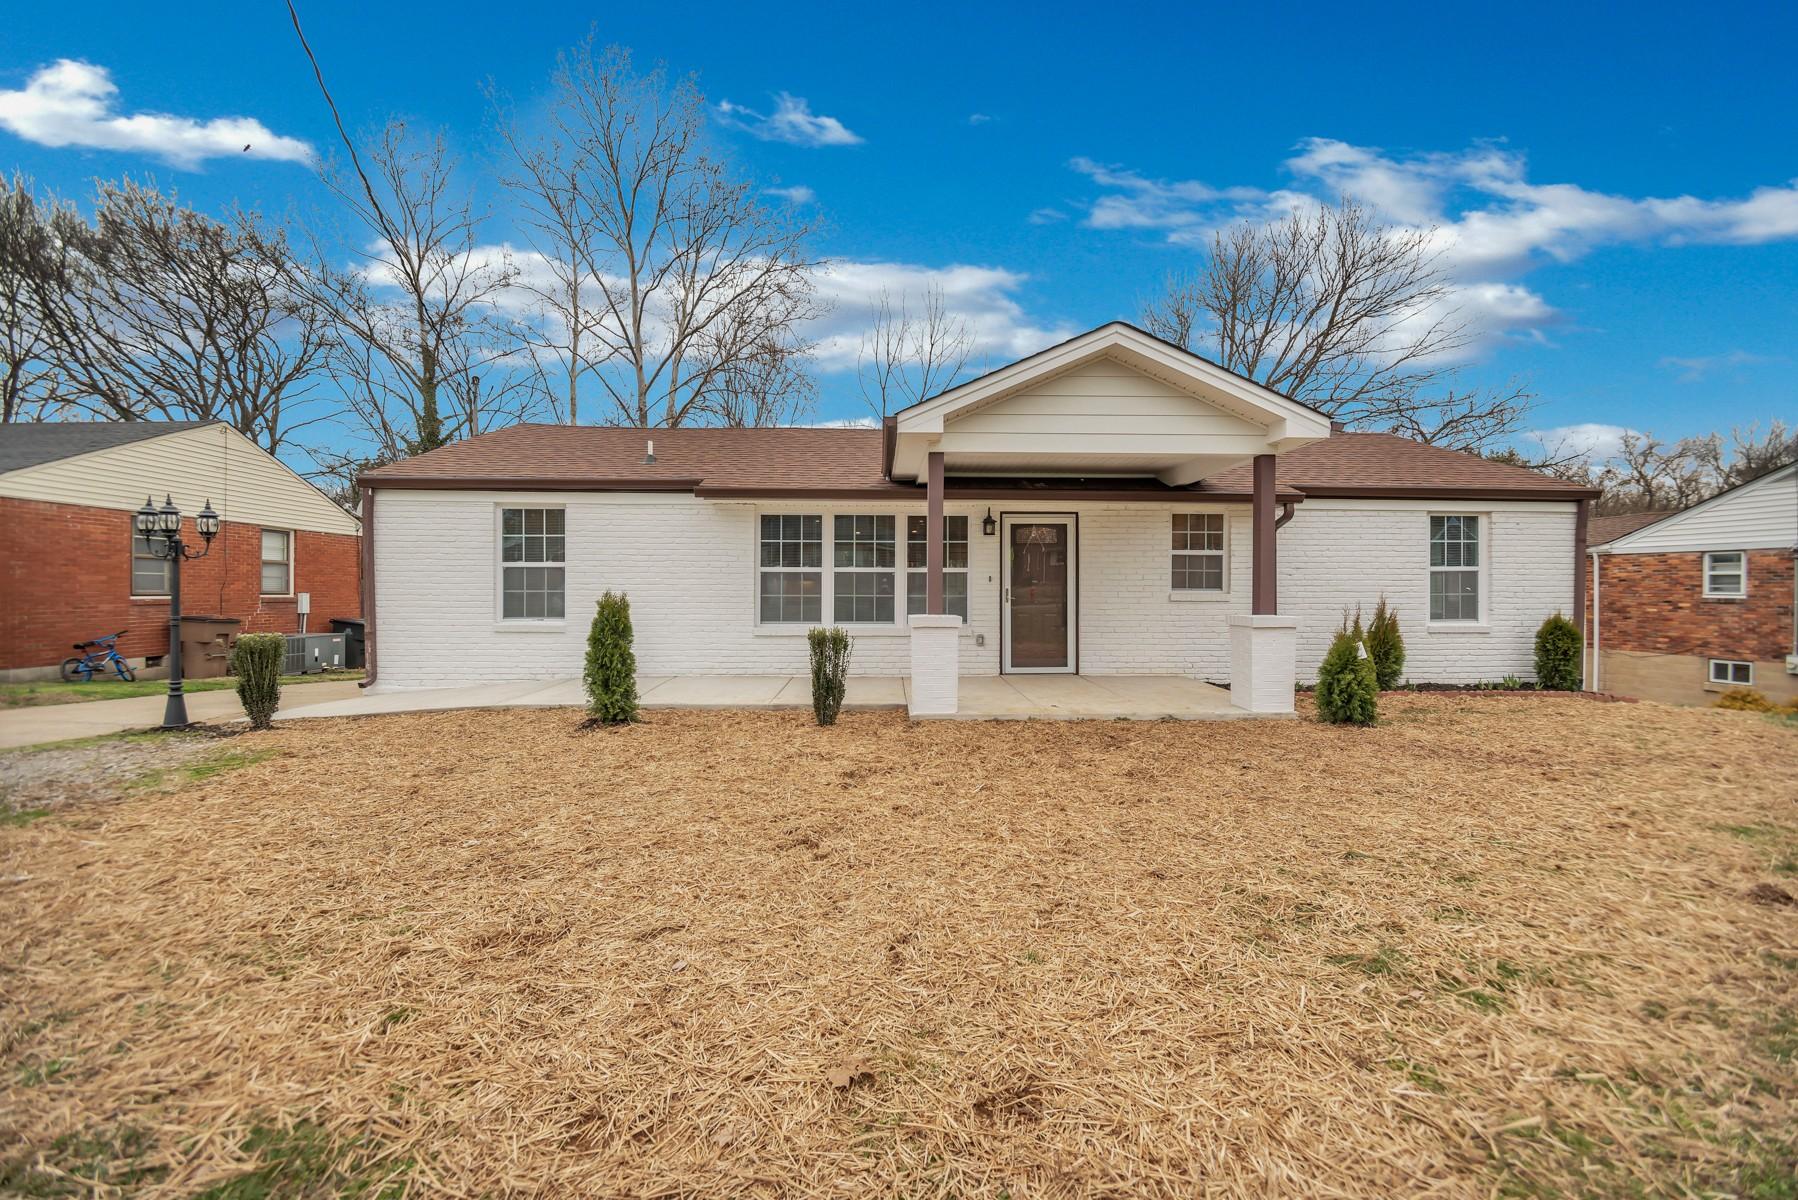 304 Finley Dr, Nashville, TN 37217 - Nashville, TN real estate listing